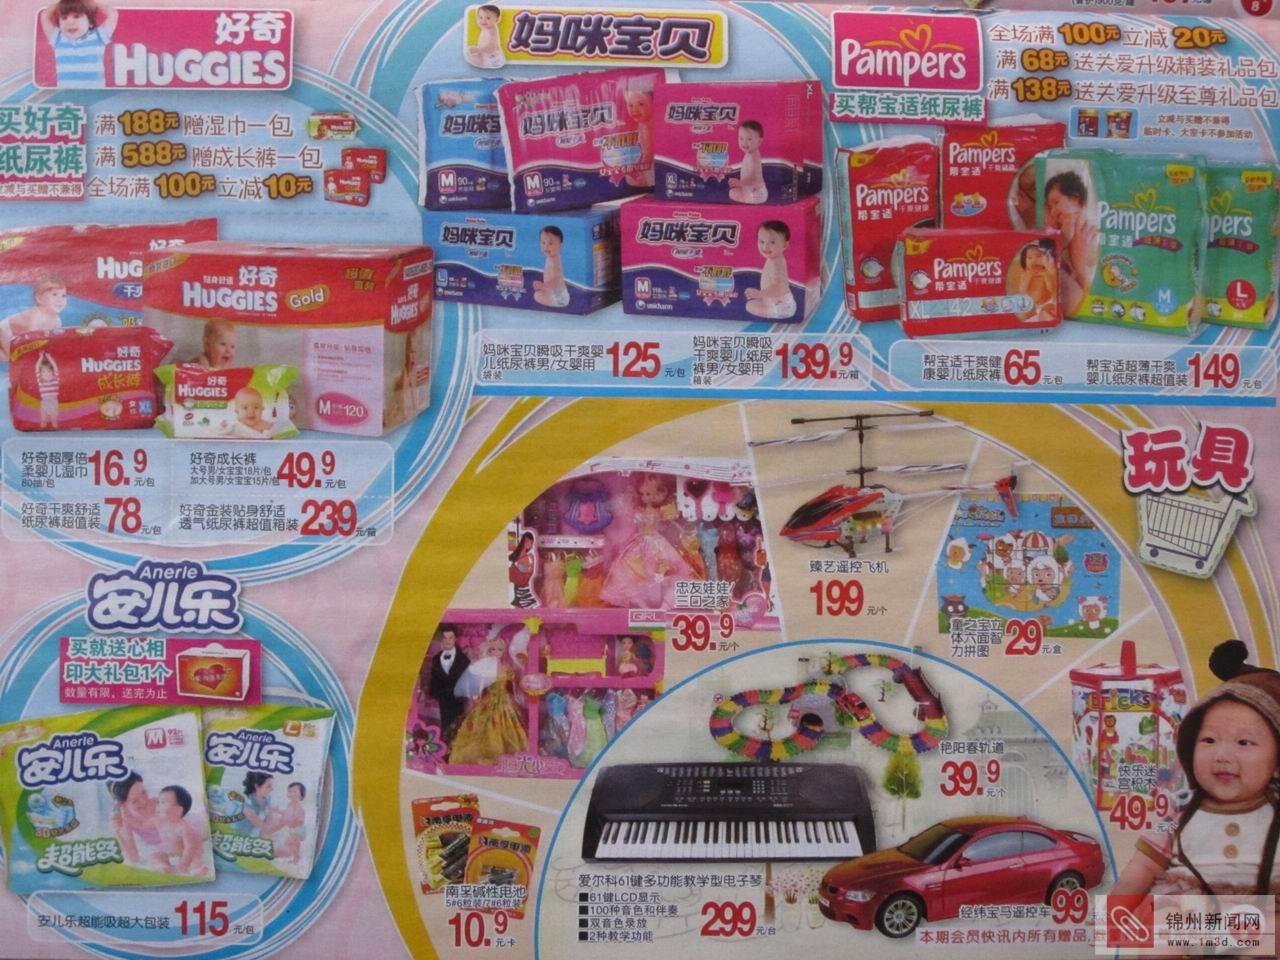 2012年3月14日 3月27日大润发超市会员快讯